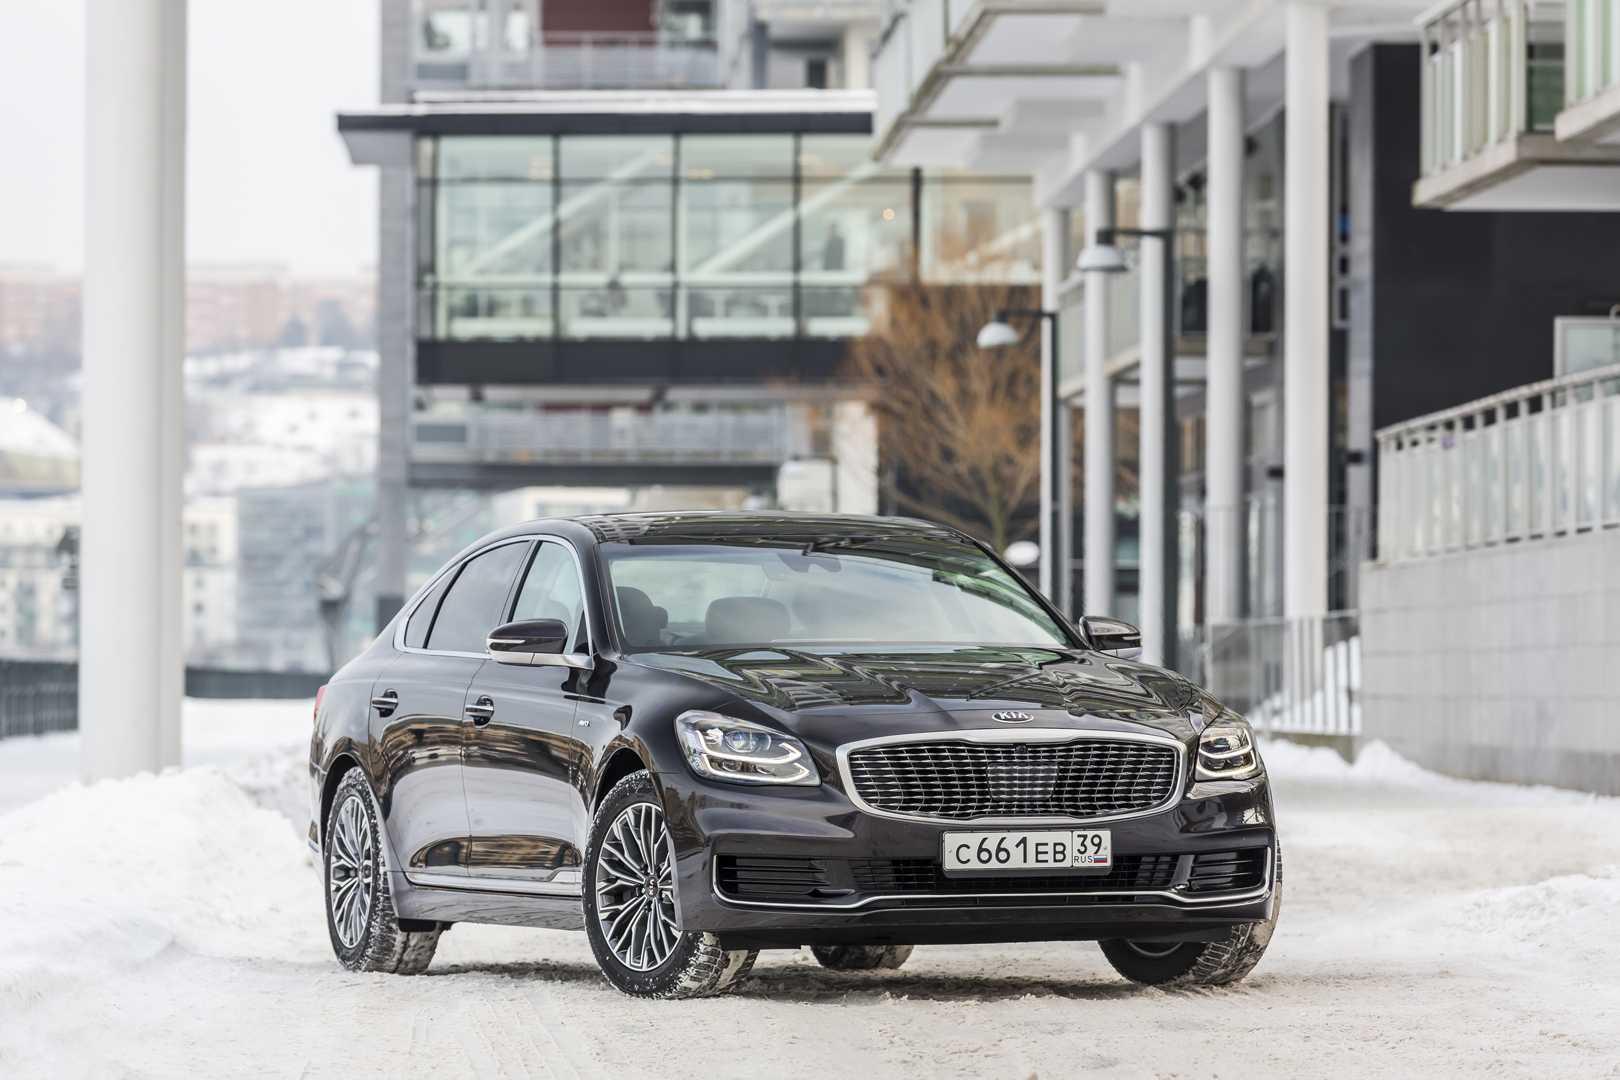 Новые модели киа 2019-2020: фото, ожидаемые цены автомобилей в россии